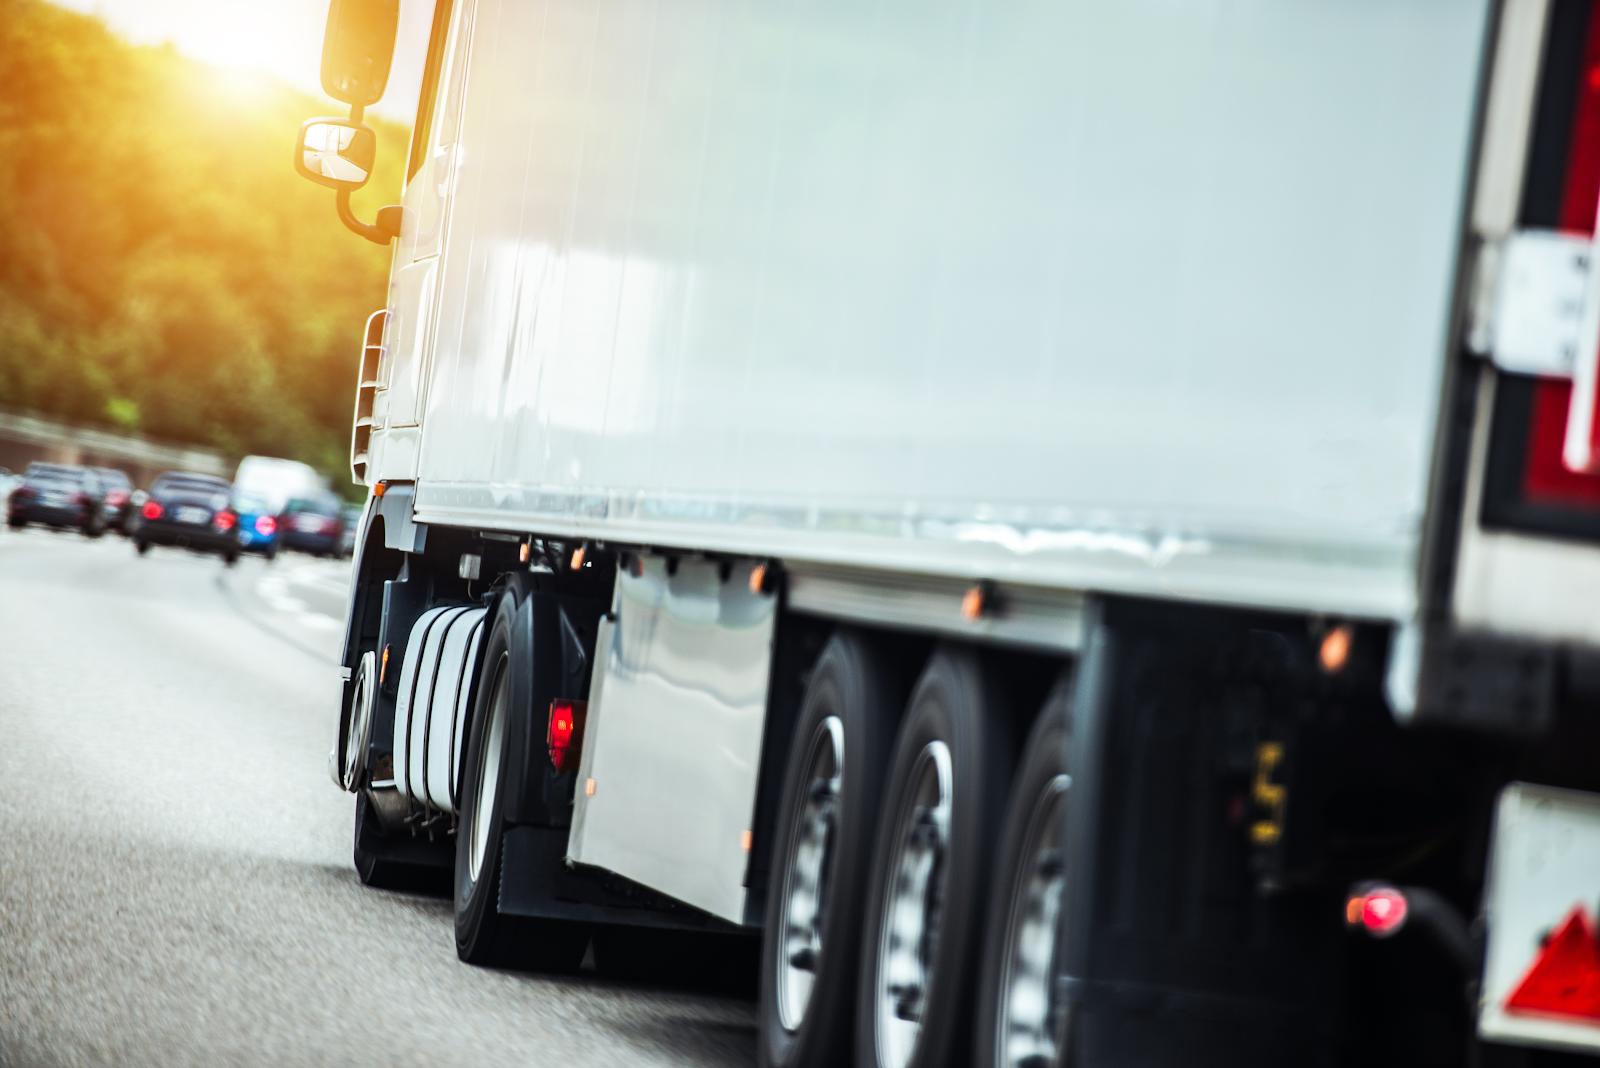 Sattelzug auf der Autobahn, Fahrer brauchen Geduld